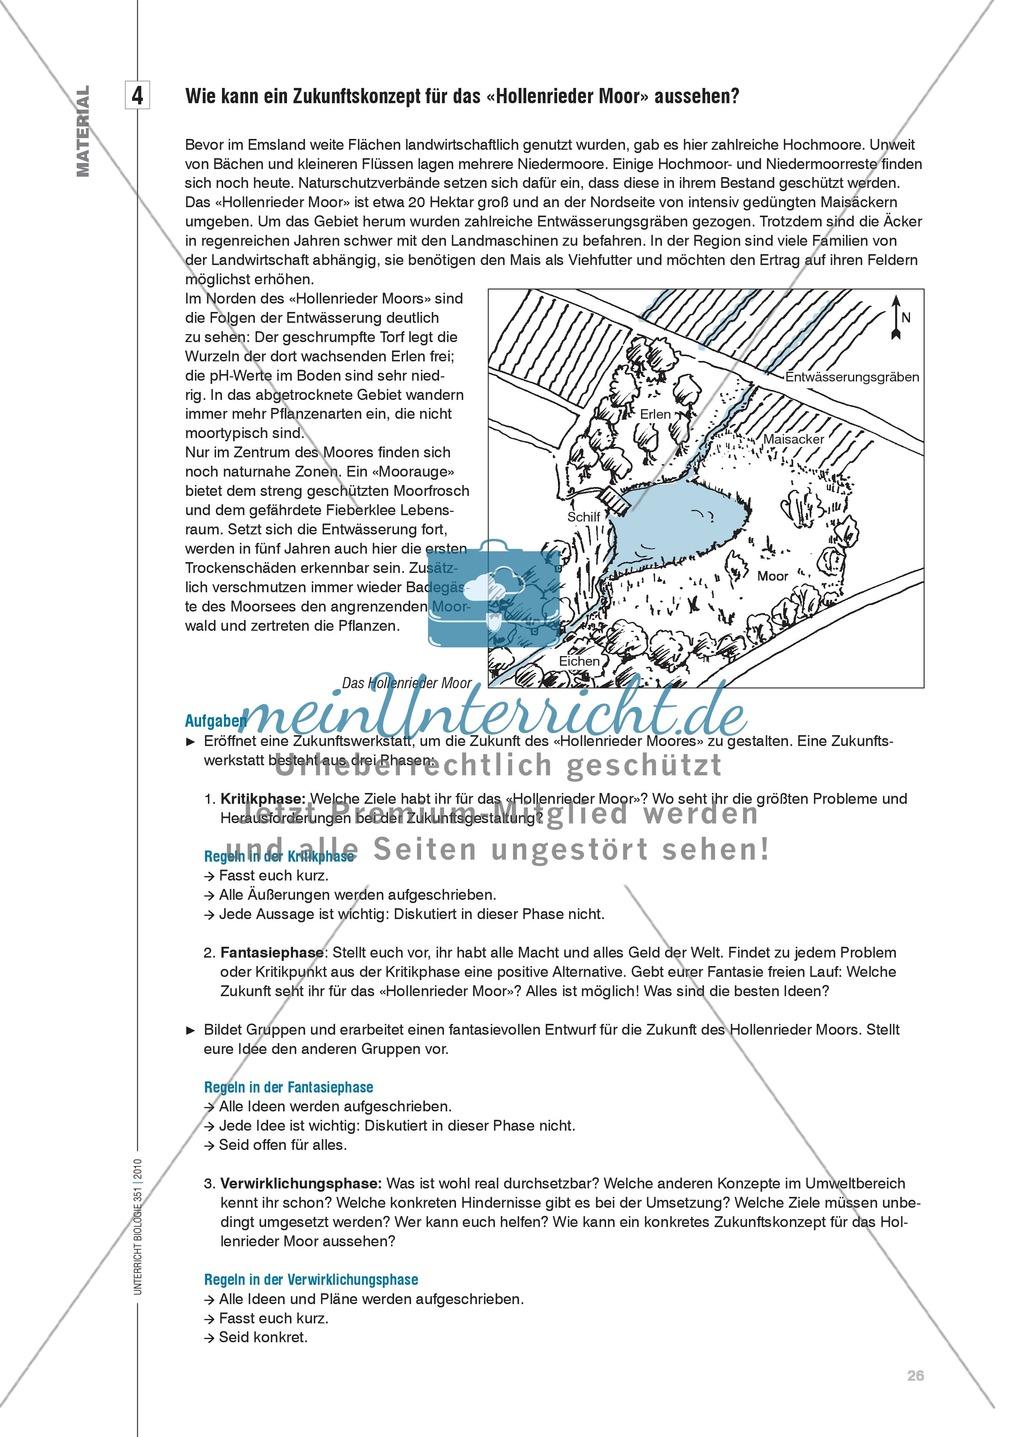 Das Ökosystem Moor: Hydrochemische Bedingungen verstehen und die Folgen einer Entwässerung abschätzen Preview 5